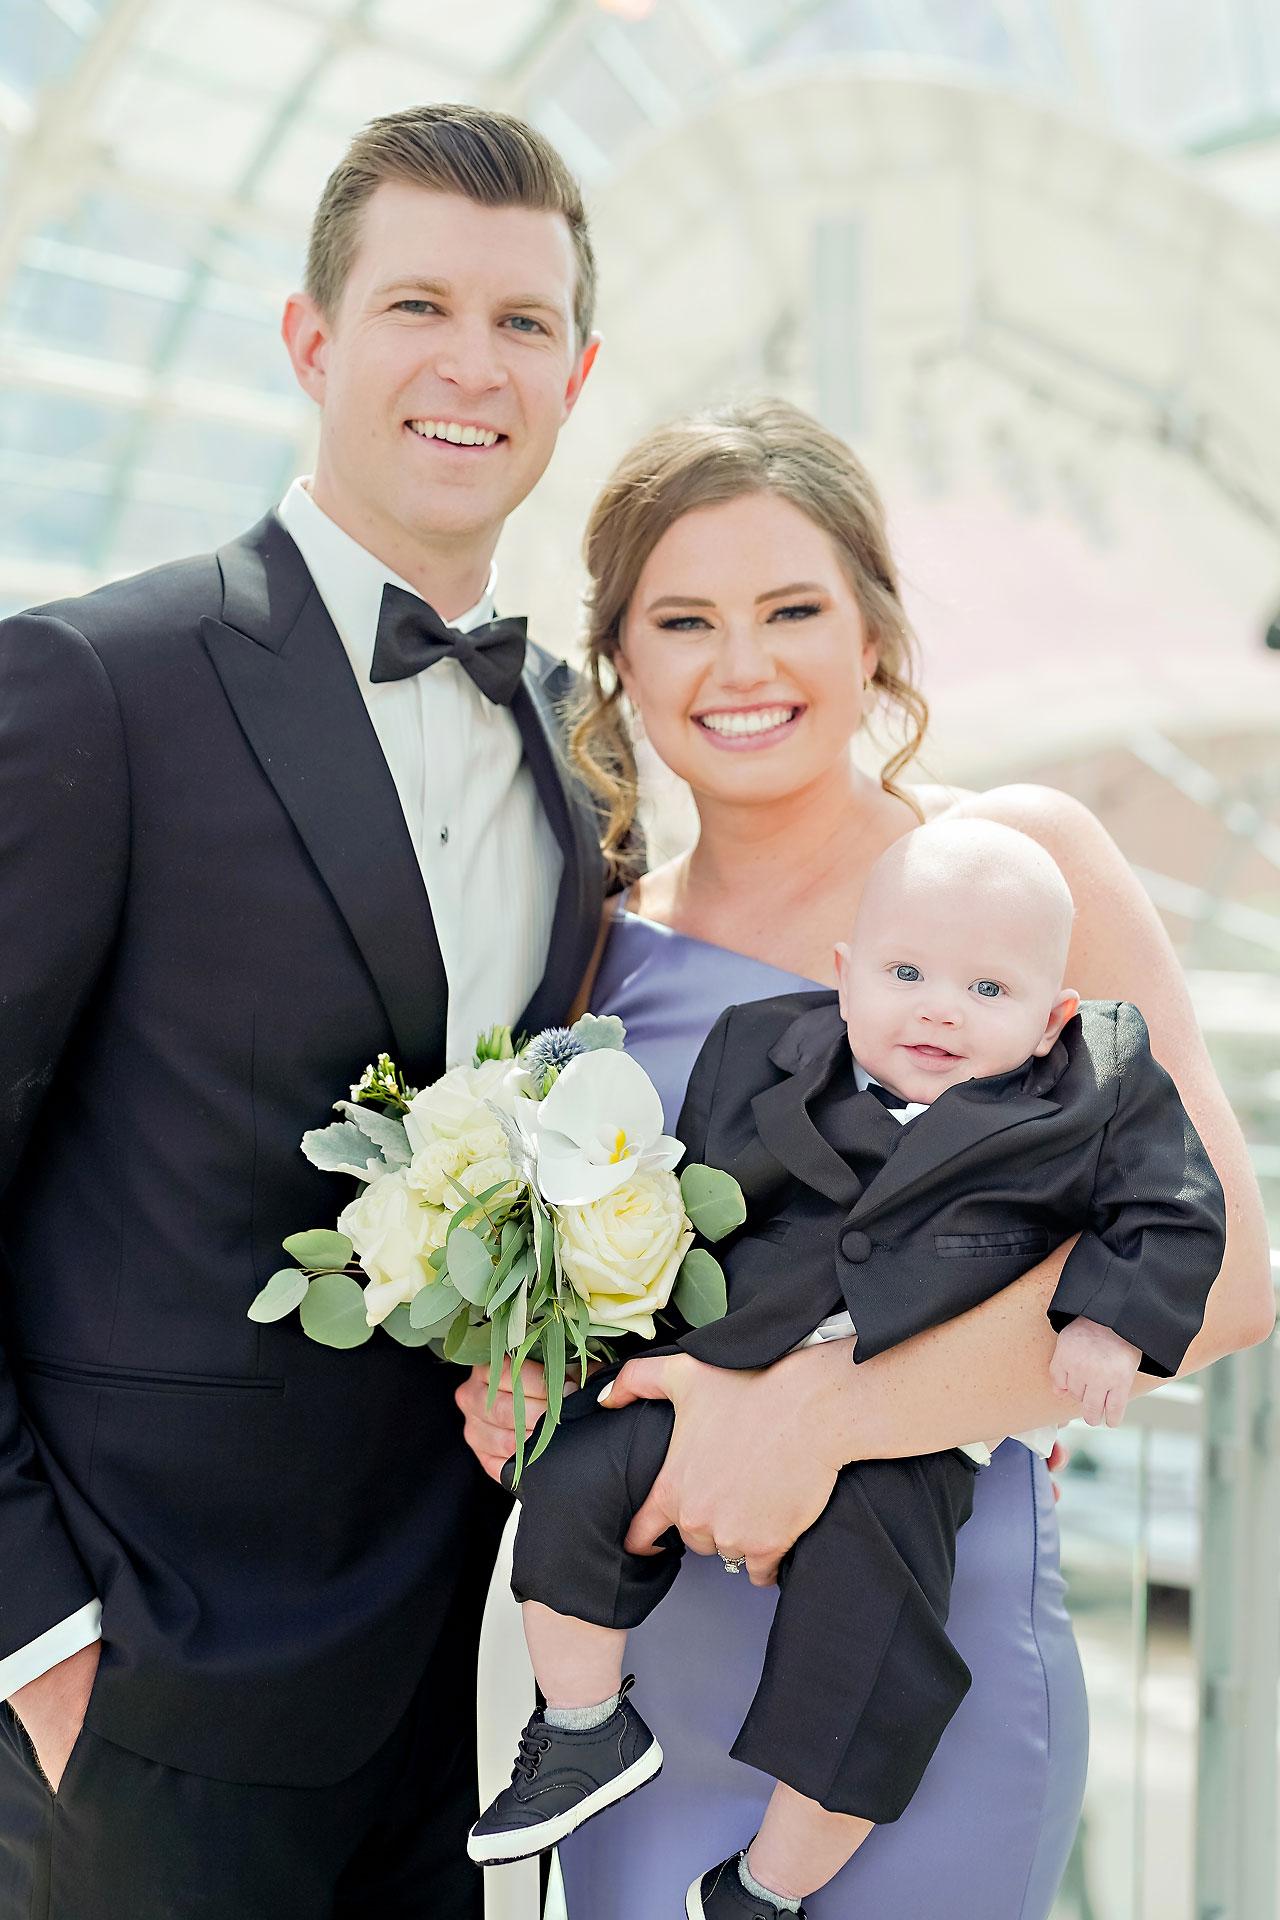 Liz Zach Conrad Artsgarden Indianapolis Wedding 166